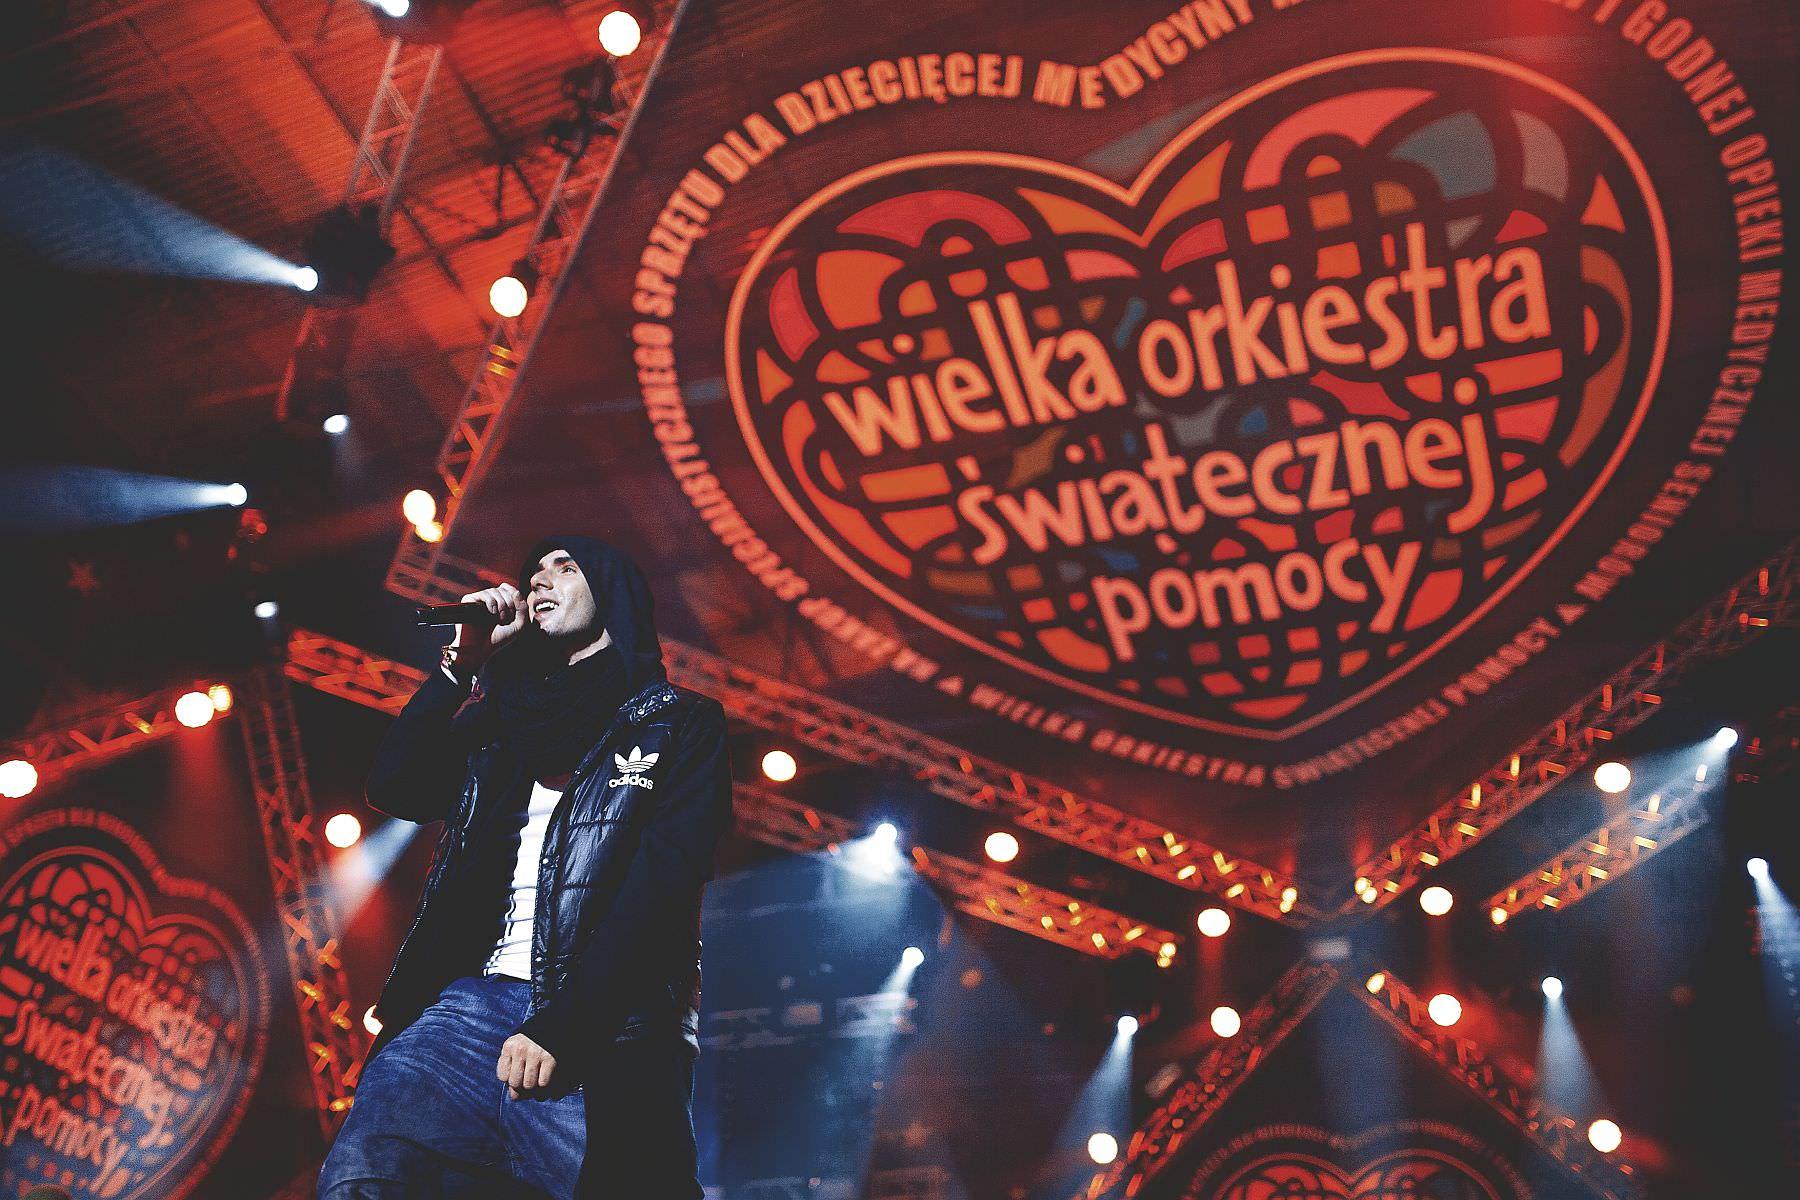 Warszawa – 22 Finał Wielkiej Orkiestry Świątecznej Pomocy (12 stycznia 2014).